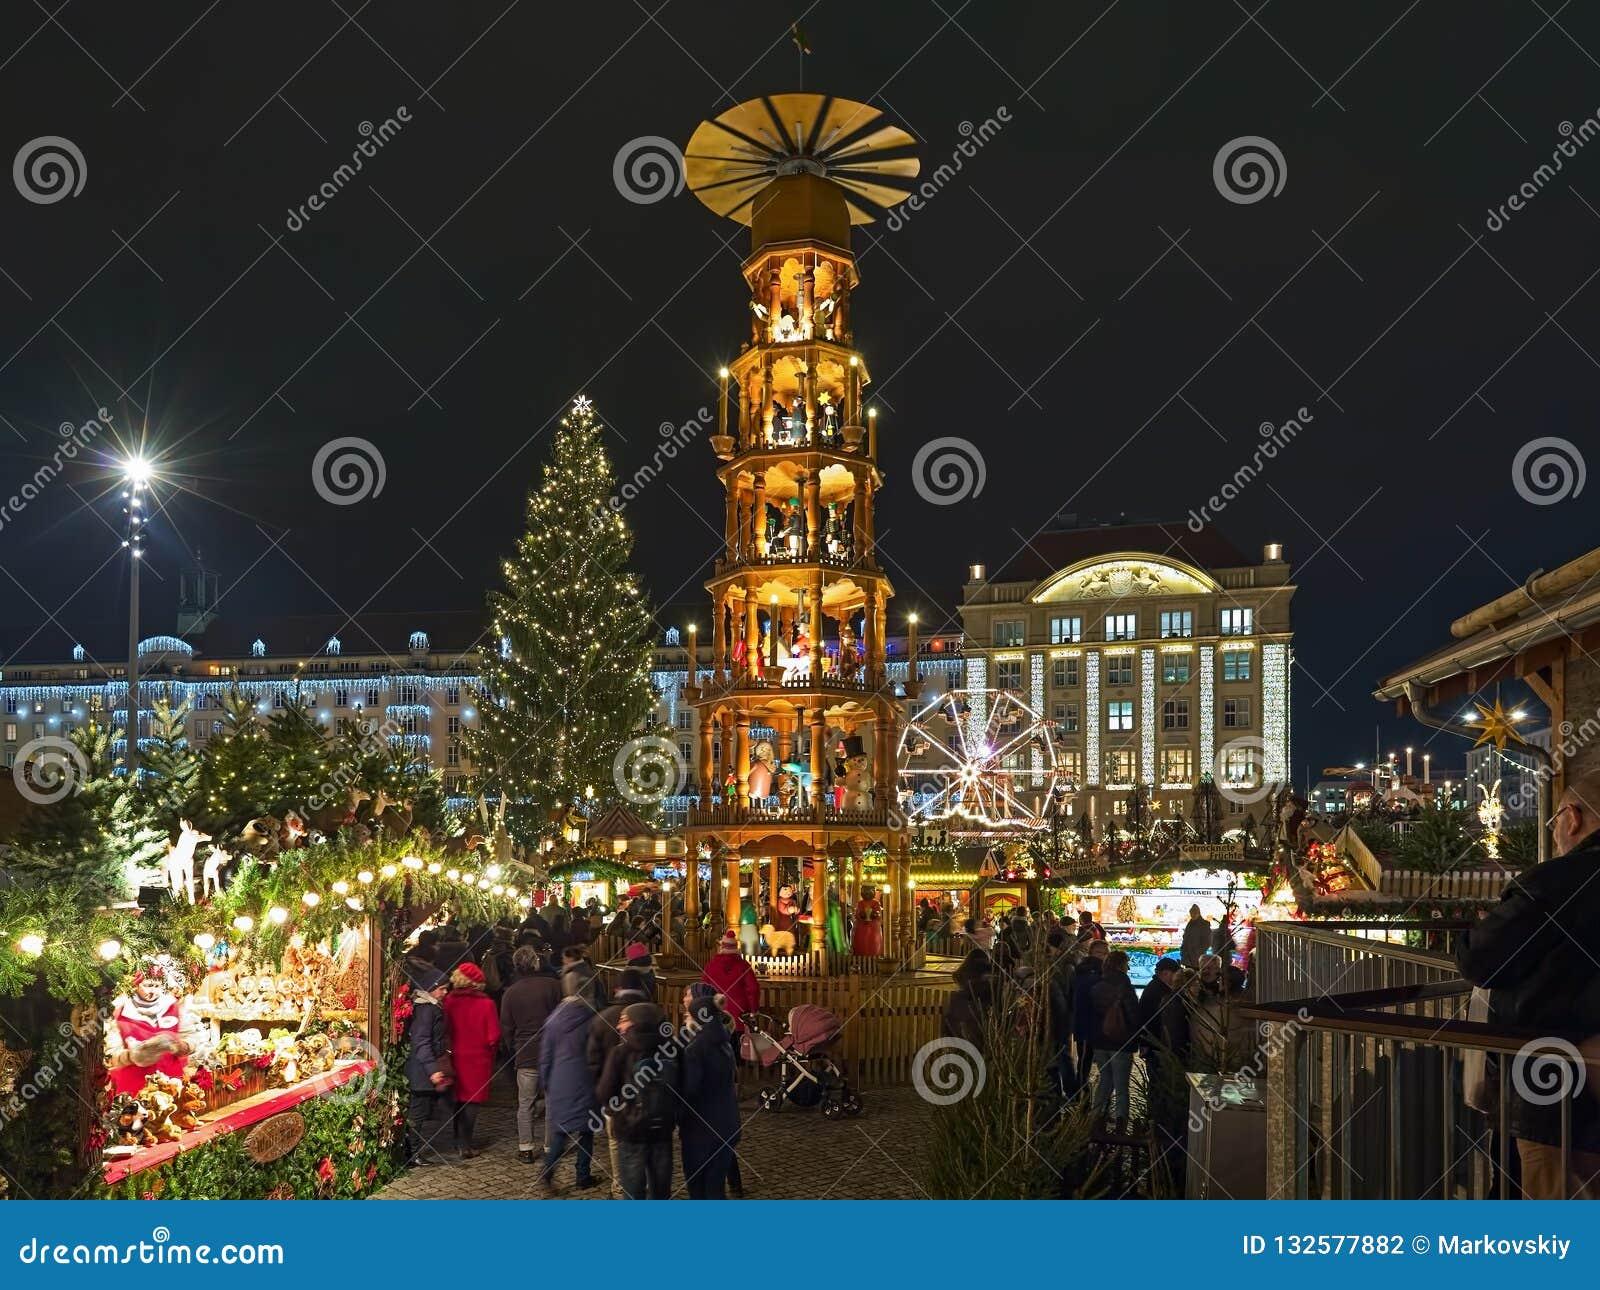 Weihnachtsmarkt In Dresden.Weihnachtspyramide Am Weihnachtsmarkt In Dresden Deutschland